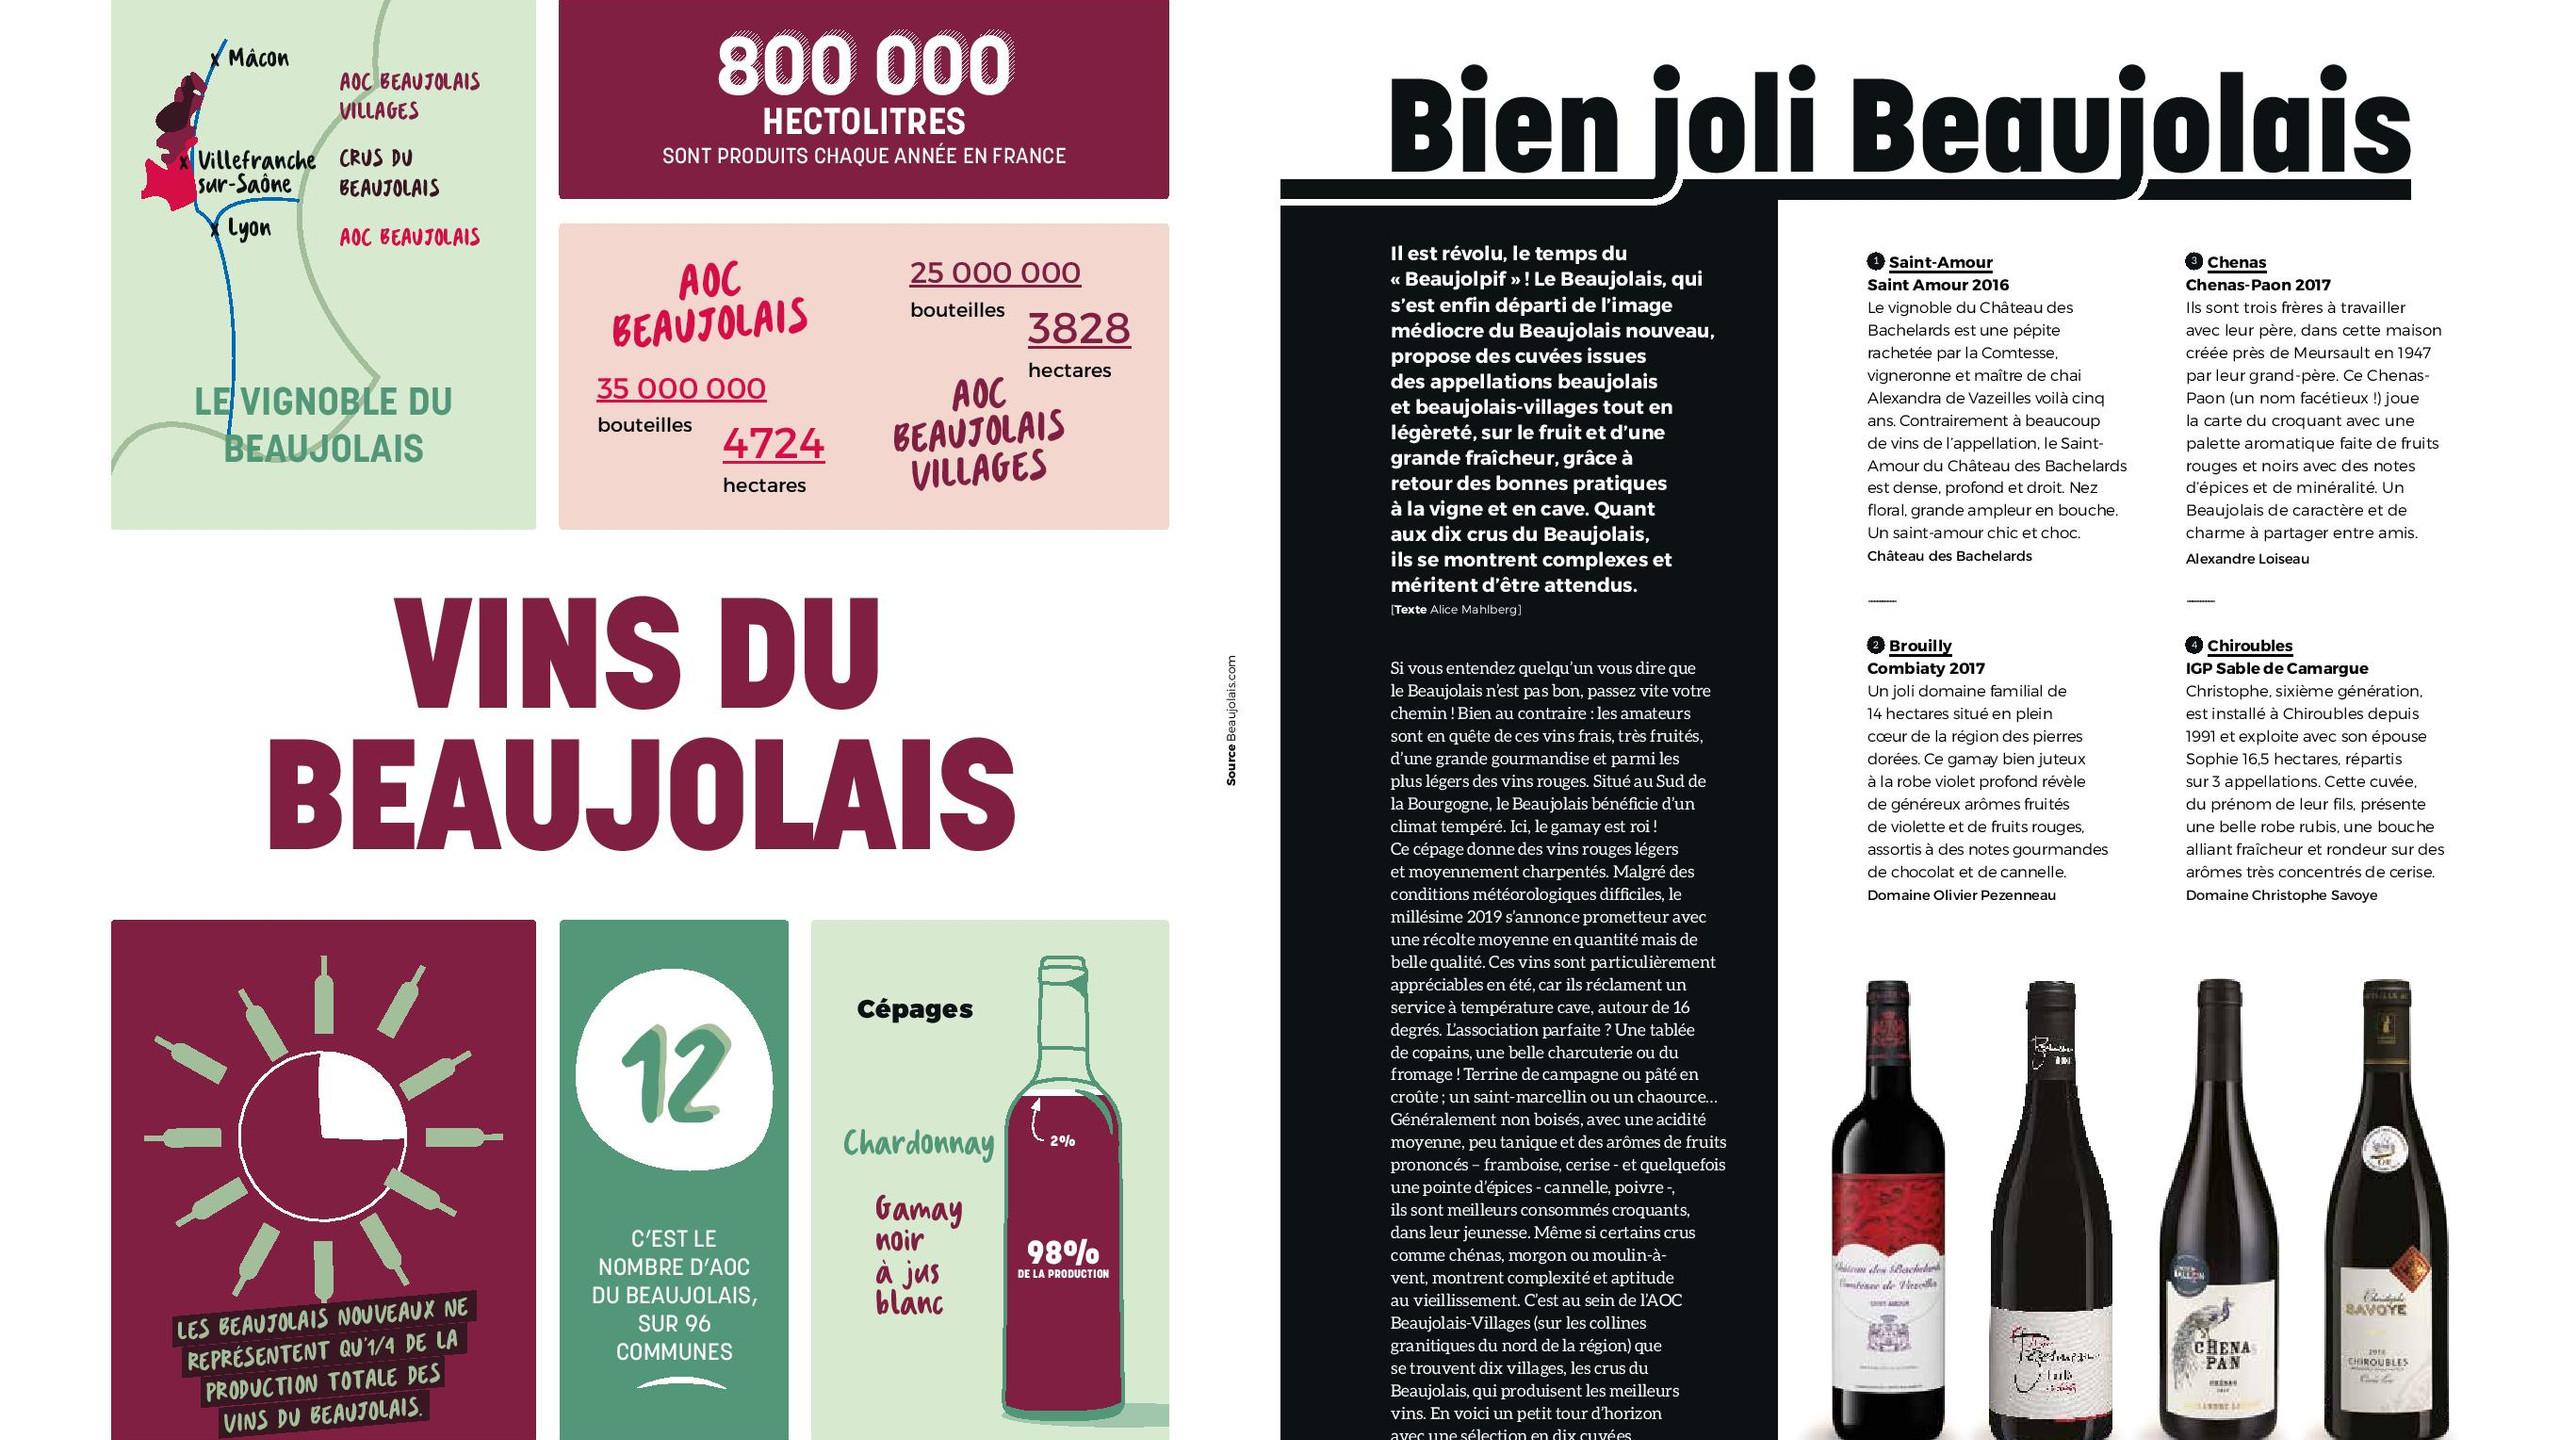 Bien Joli Beaujolais